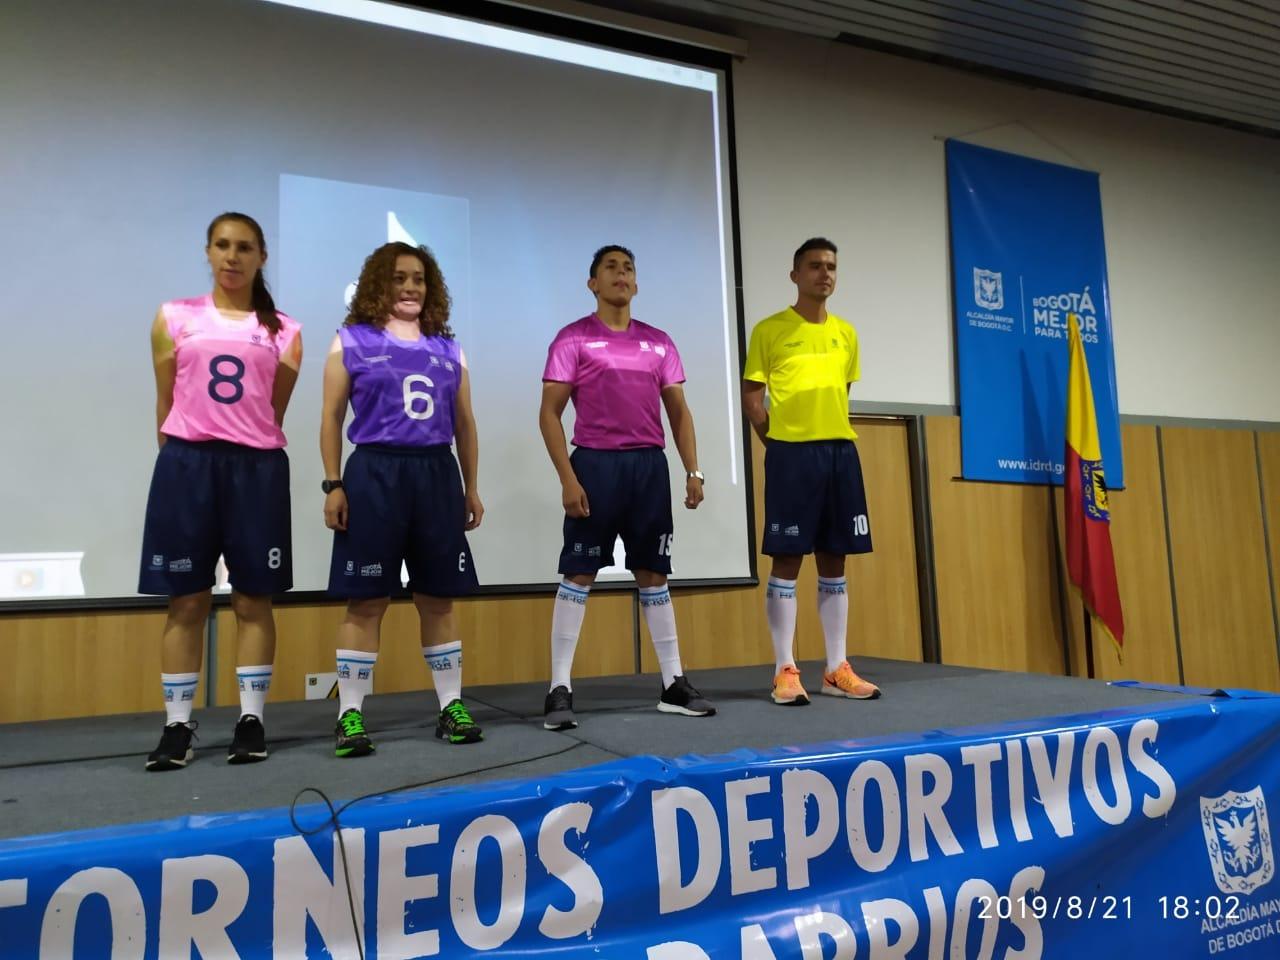 IV Versión Campeonato InterBarrios en Bogotá